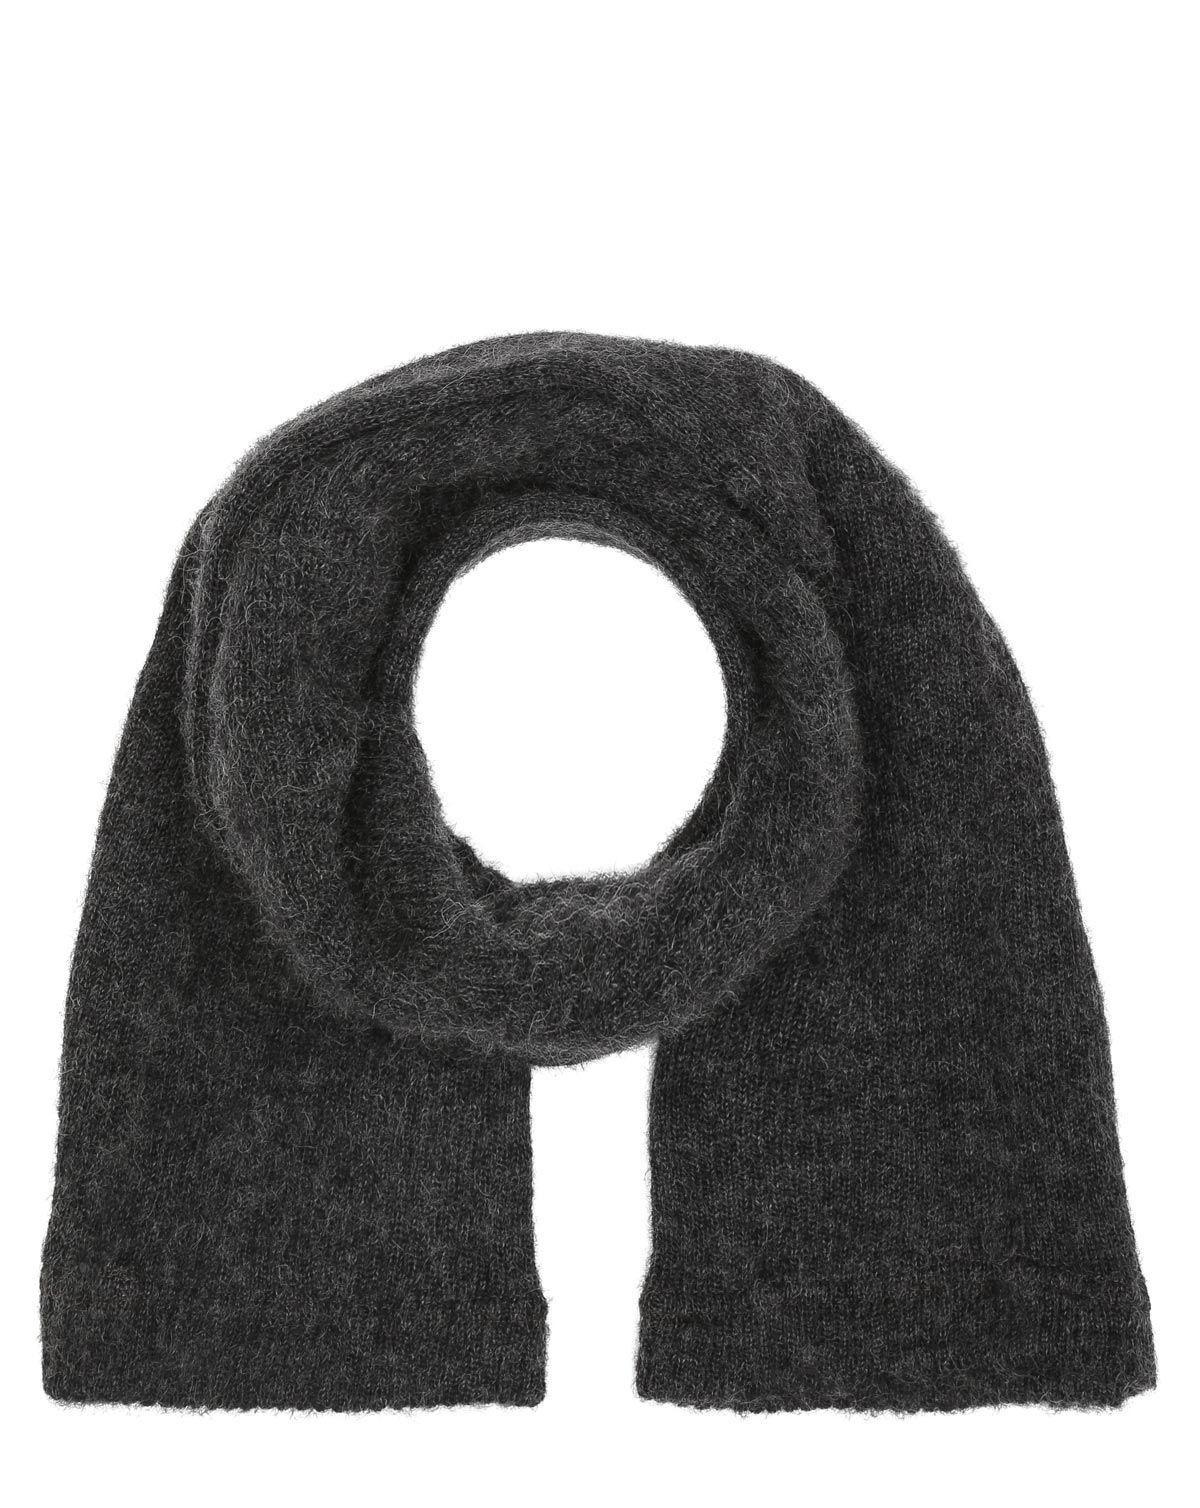 Image of   Originalt Rørhalstørklæde i uld fra Civilforsvaret (Grå, One Size)